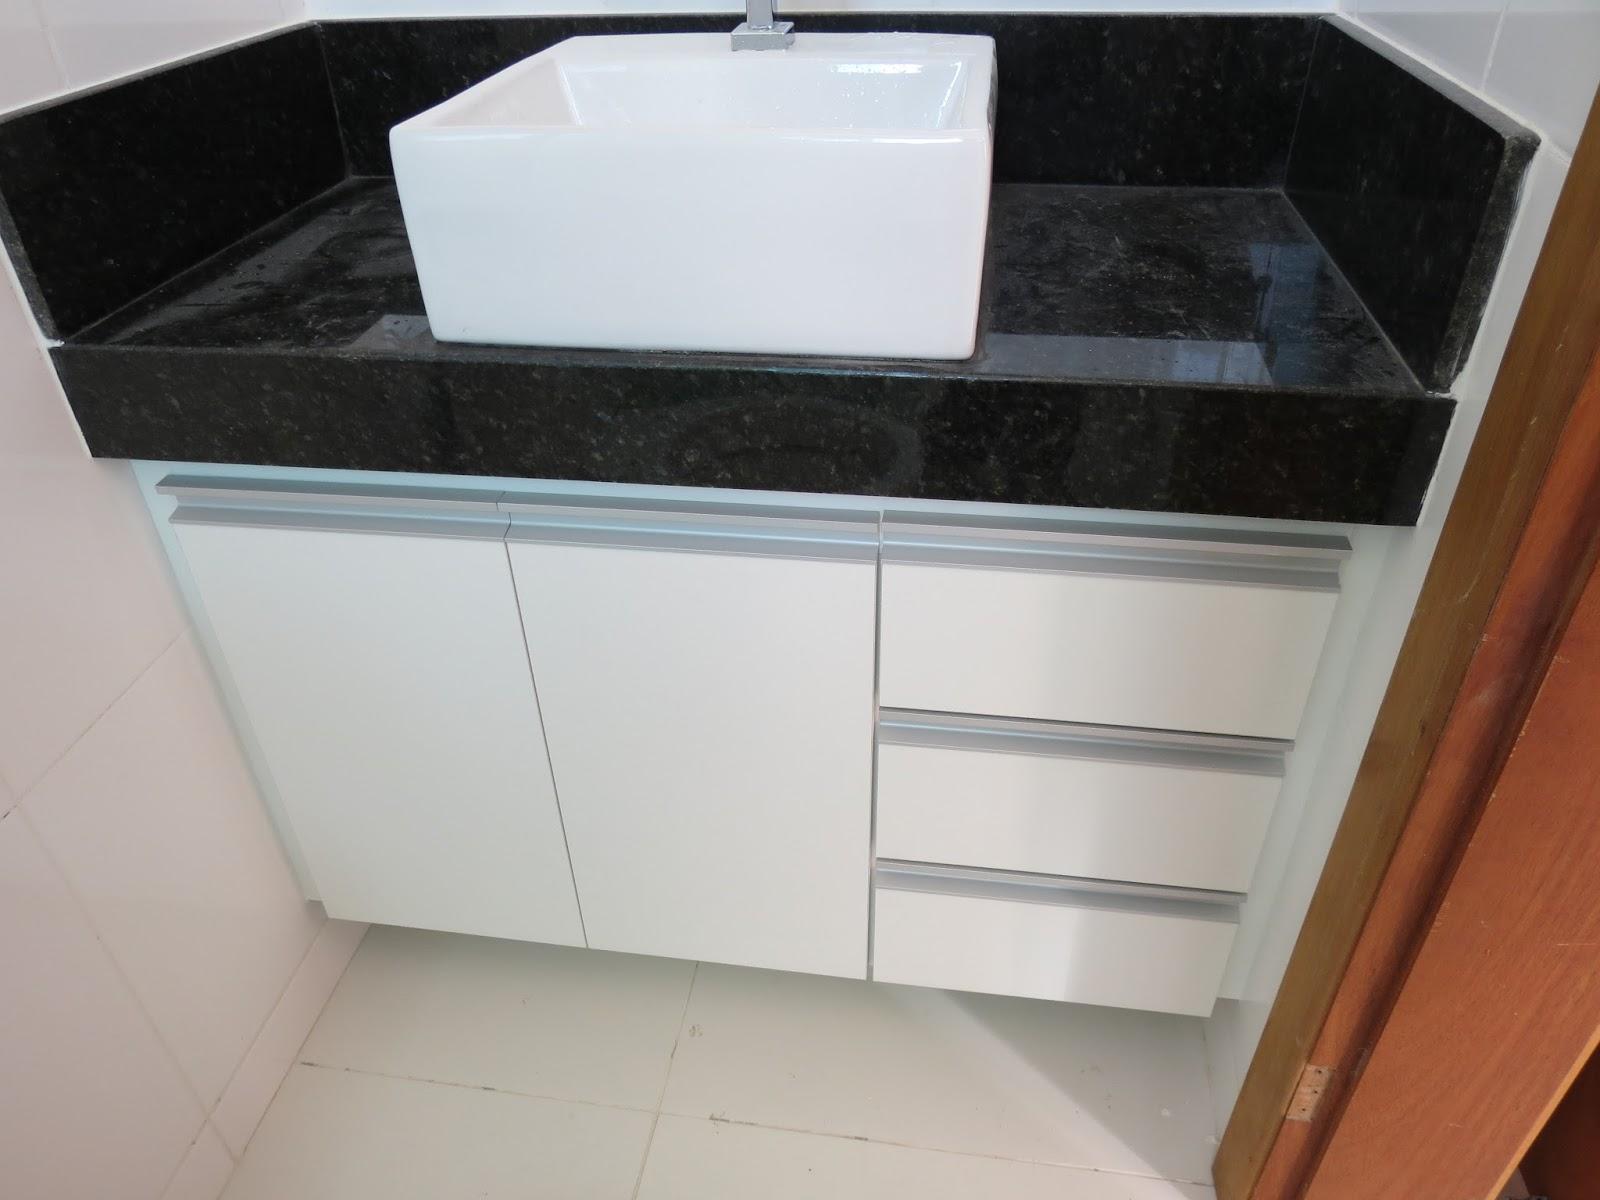 Lopes Armários Planejados: Armário para Banheiro (Padrão Branco  #764328 1600x1200 Armario Banheiro Aluminio